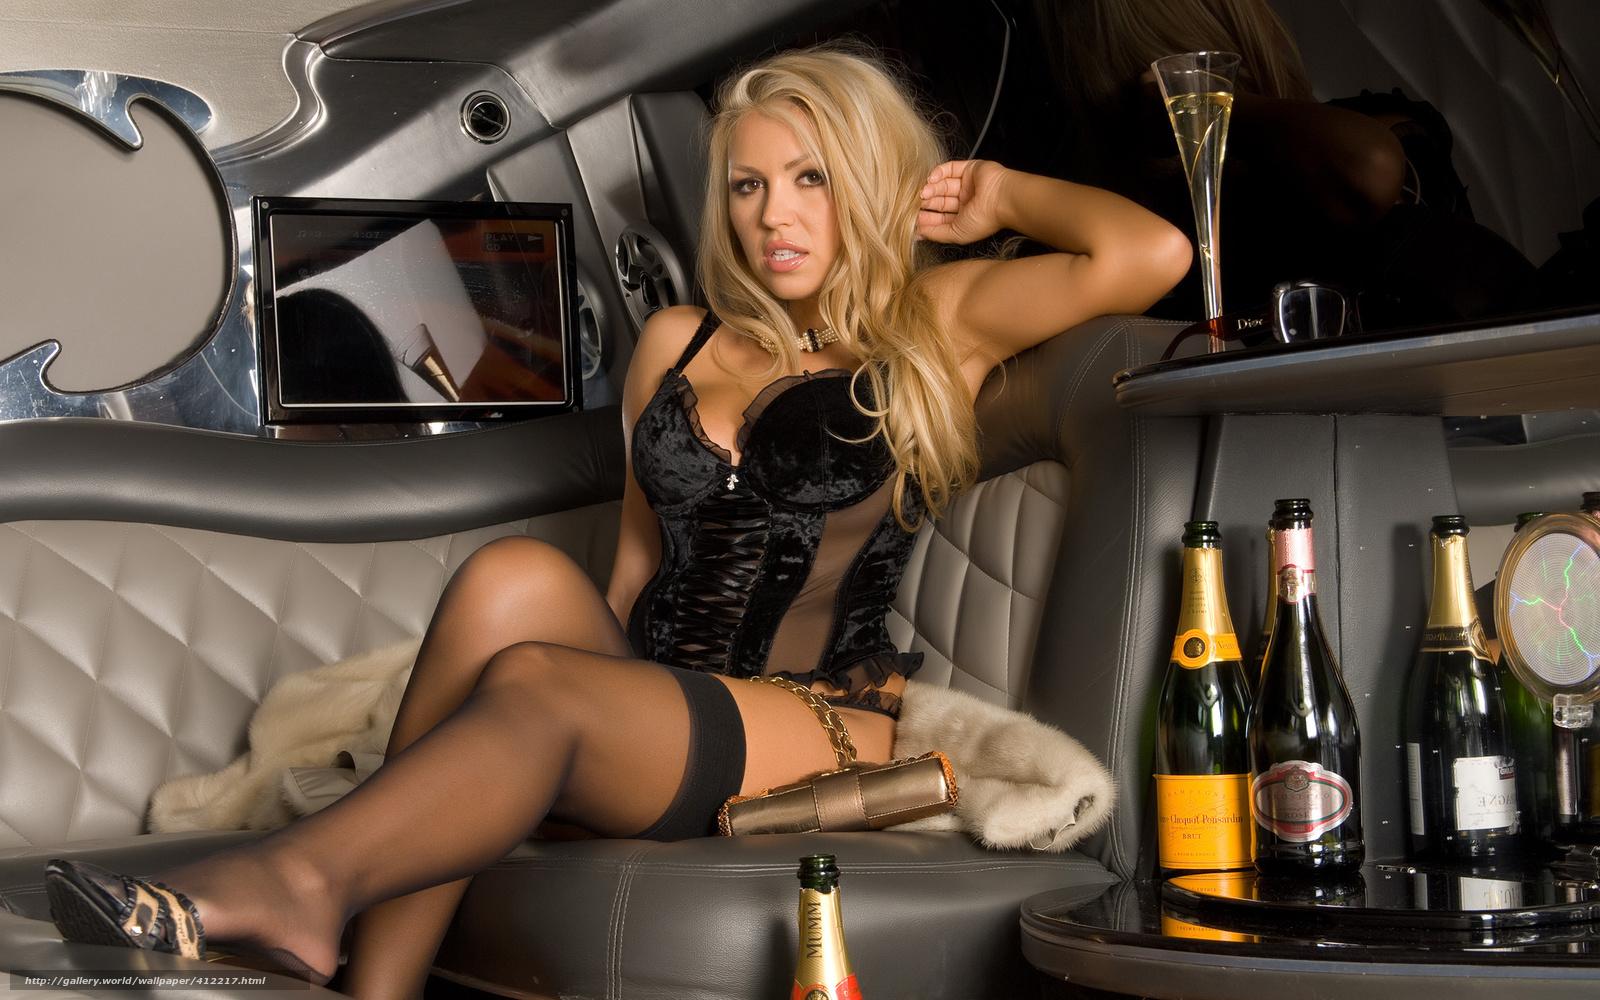 Самые красивые и сэксуальные блондинки в картинках 21 фотография